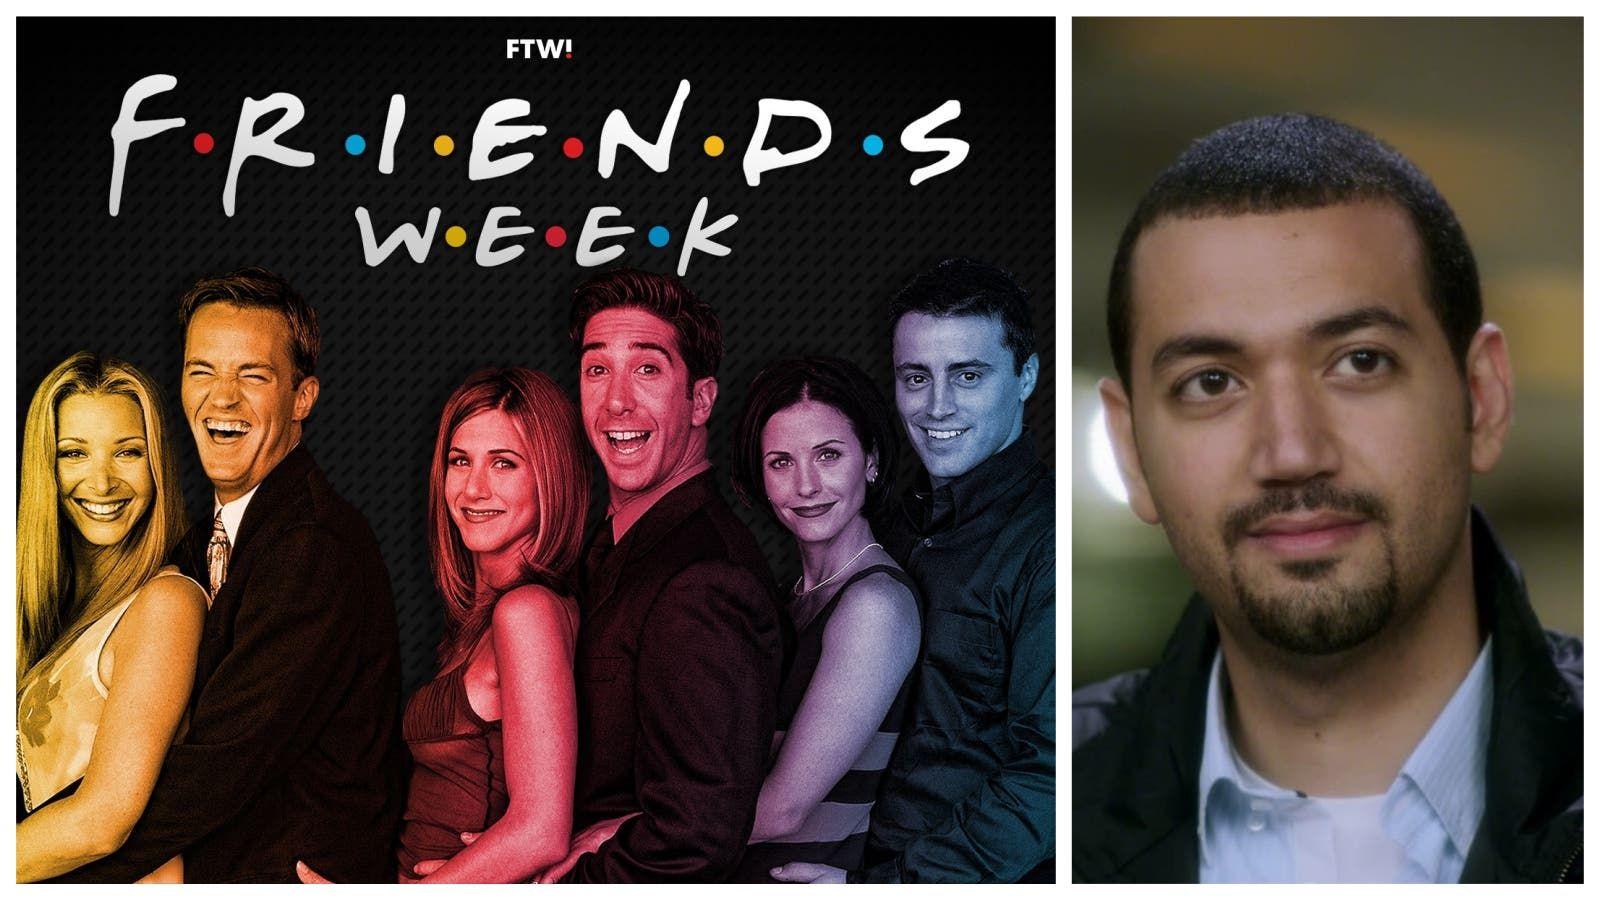 فيديو قديم لمعز مسعود يرفض الصداقة بين المرأة والرجل فما علاقة مسلسل Friends In 2020 Movie Posters Ftw Movies